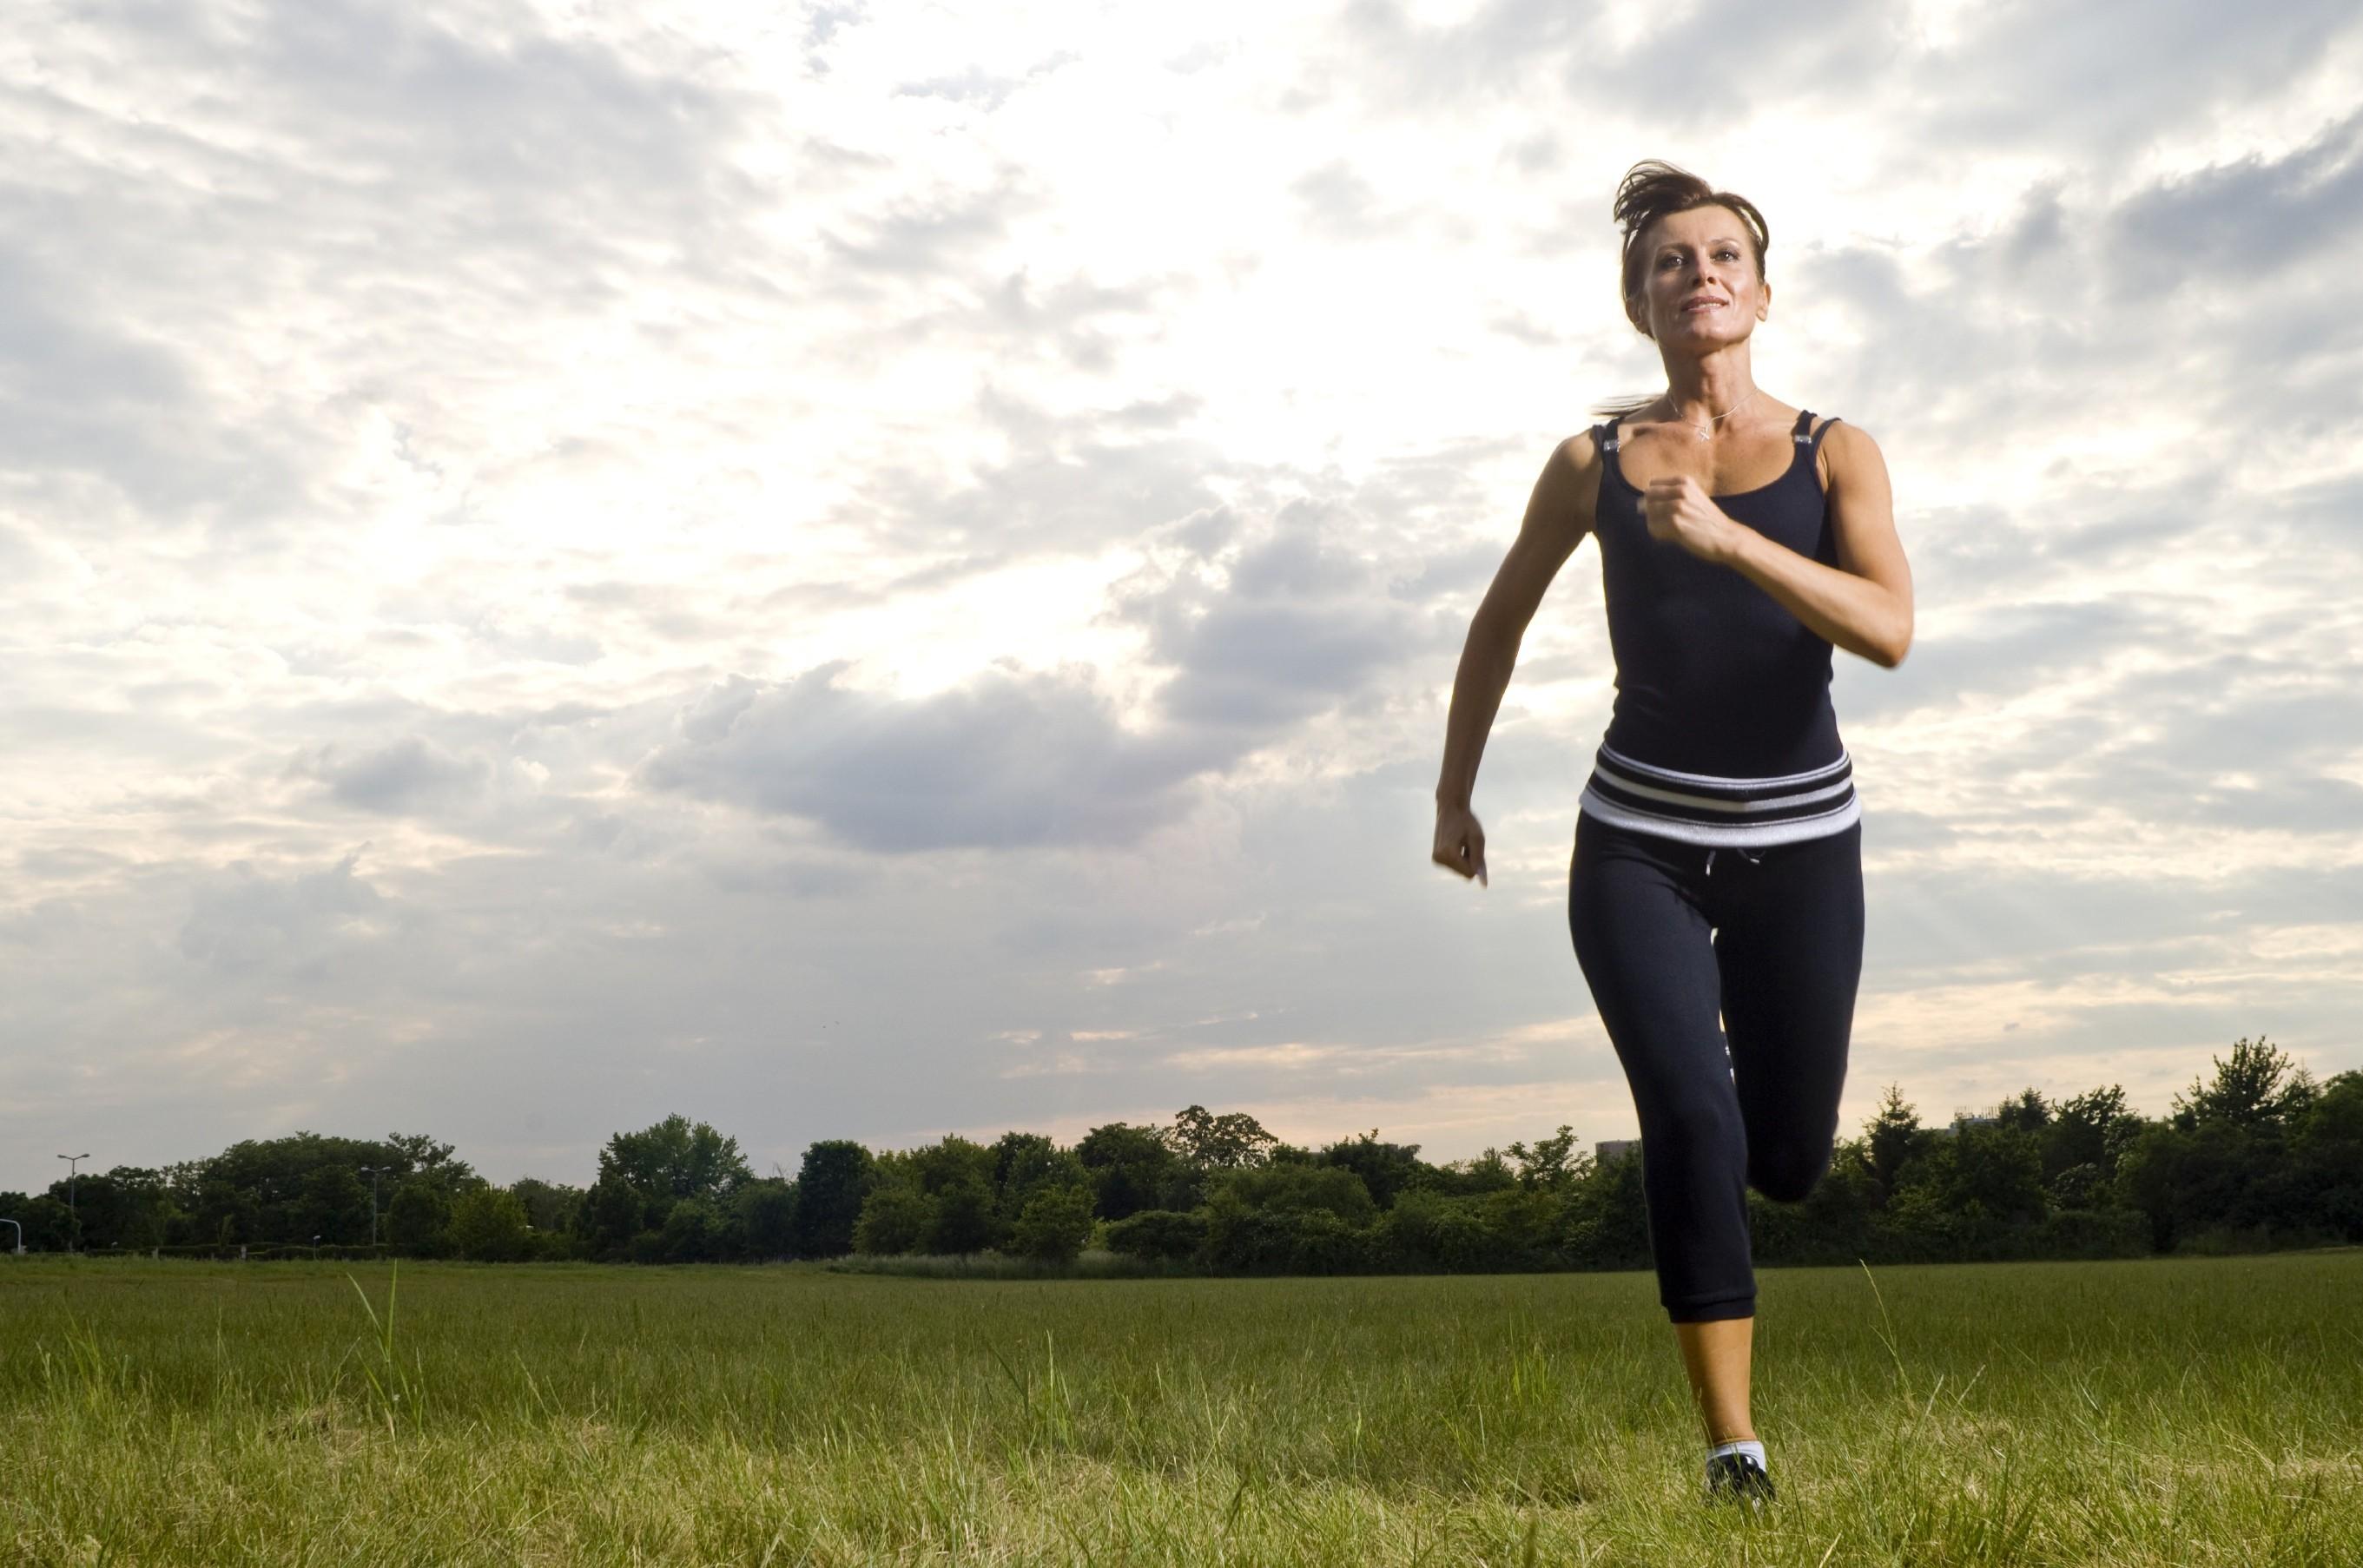 A Woman Joggin in the Open Field HD Health Wallpaper   Wallpaper 2721x1806